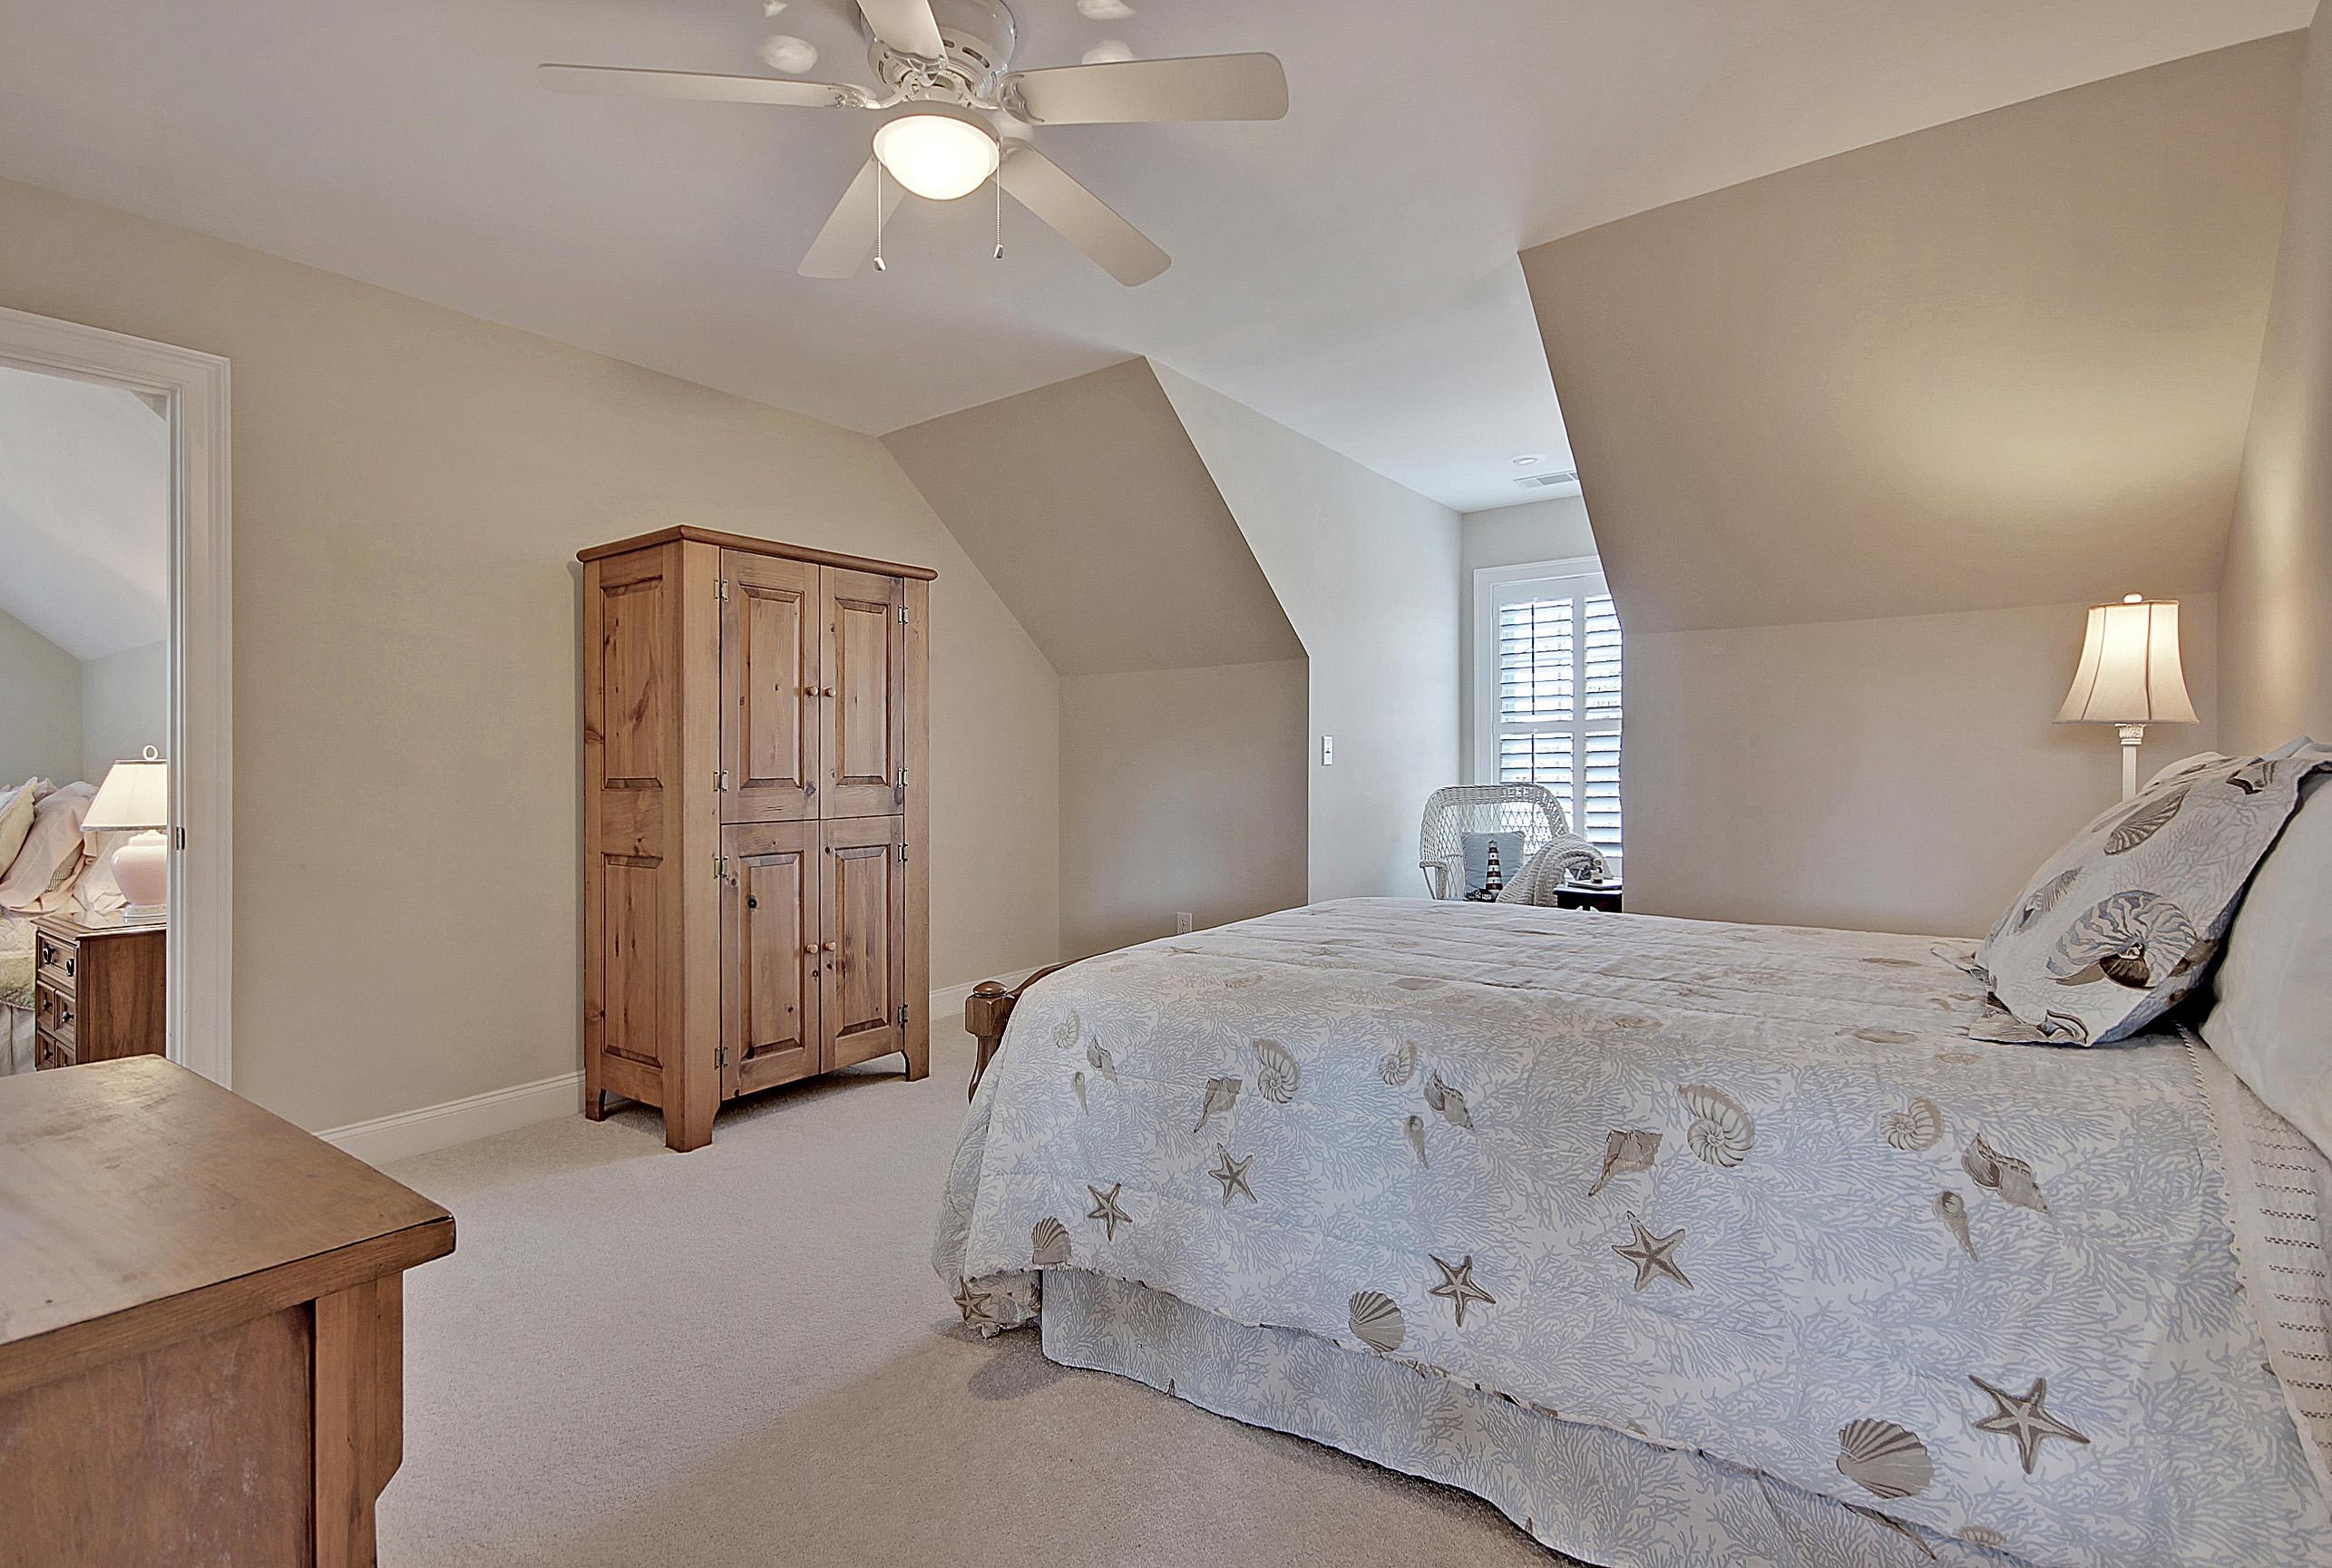 Dunes West Homes For Sale - 2721 Fountainhead, Mount Pleasant, SC - 71